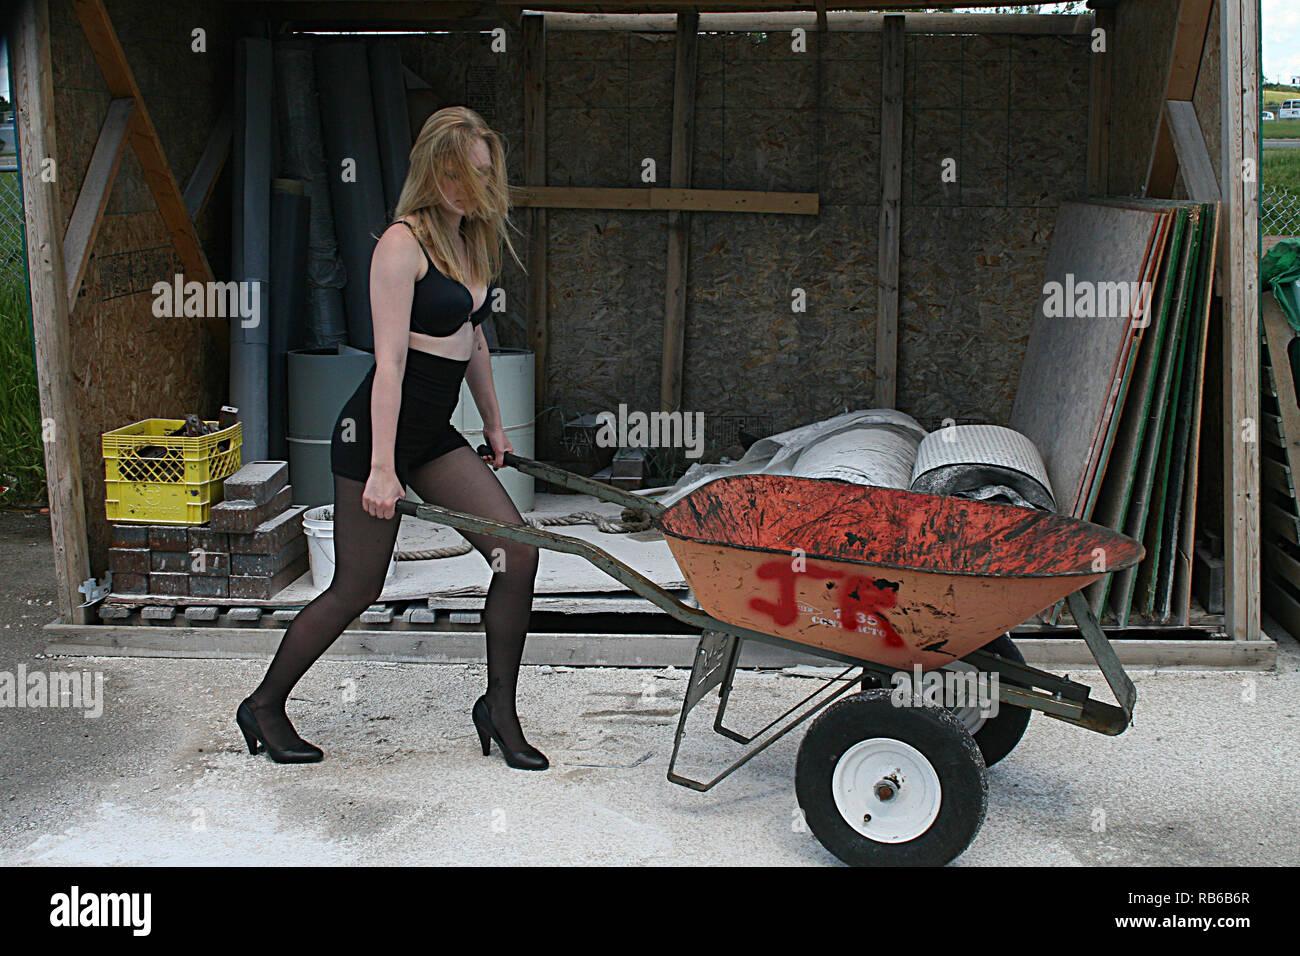 Mujer Rubia Vistiendo Nylon Medias Tacones Altos Y Pantalones Muy Cortos Empujando Una Carretilla De La Rueda Fotografia De Stock Alamy